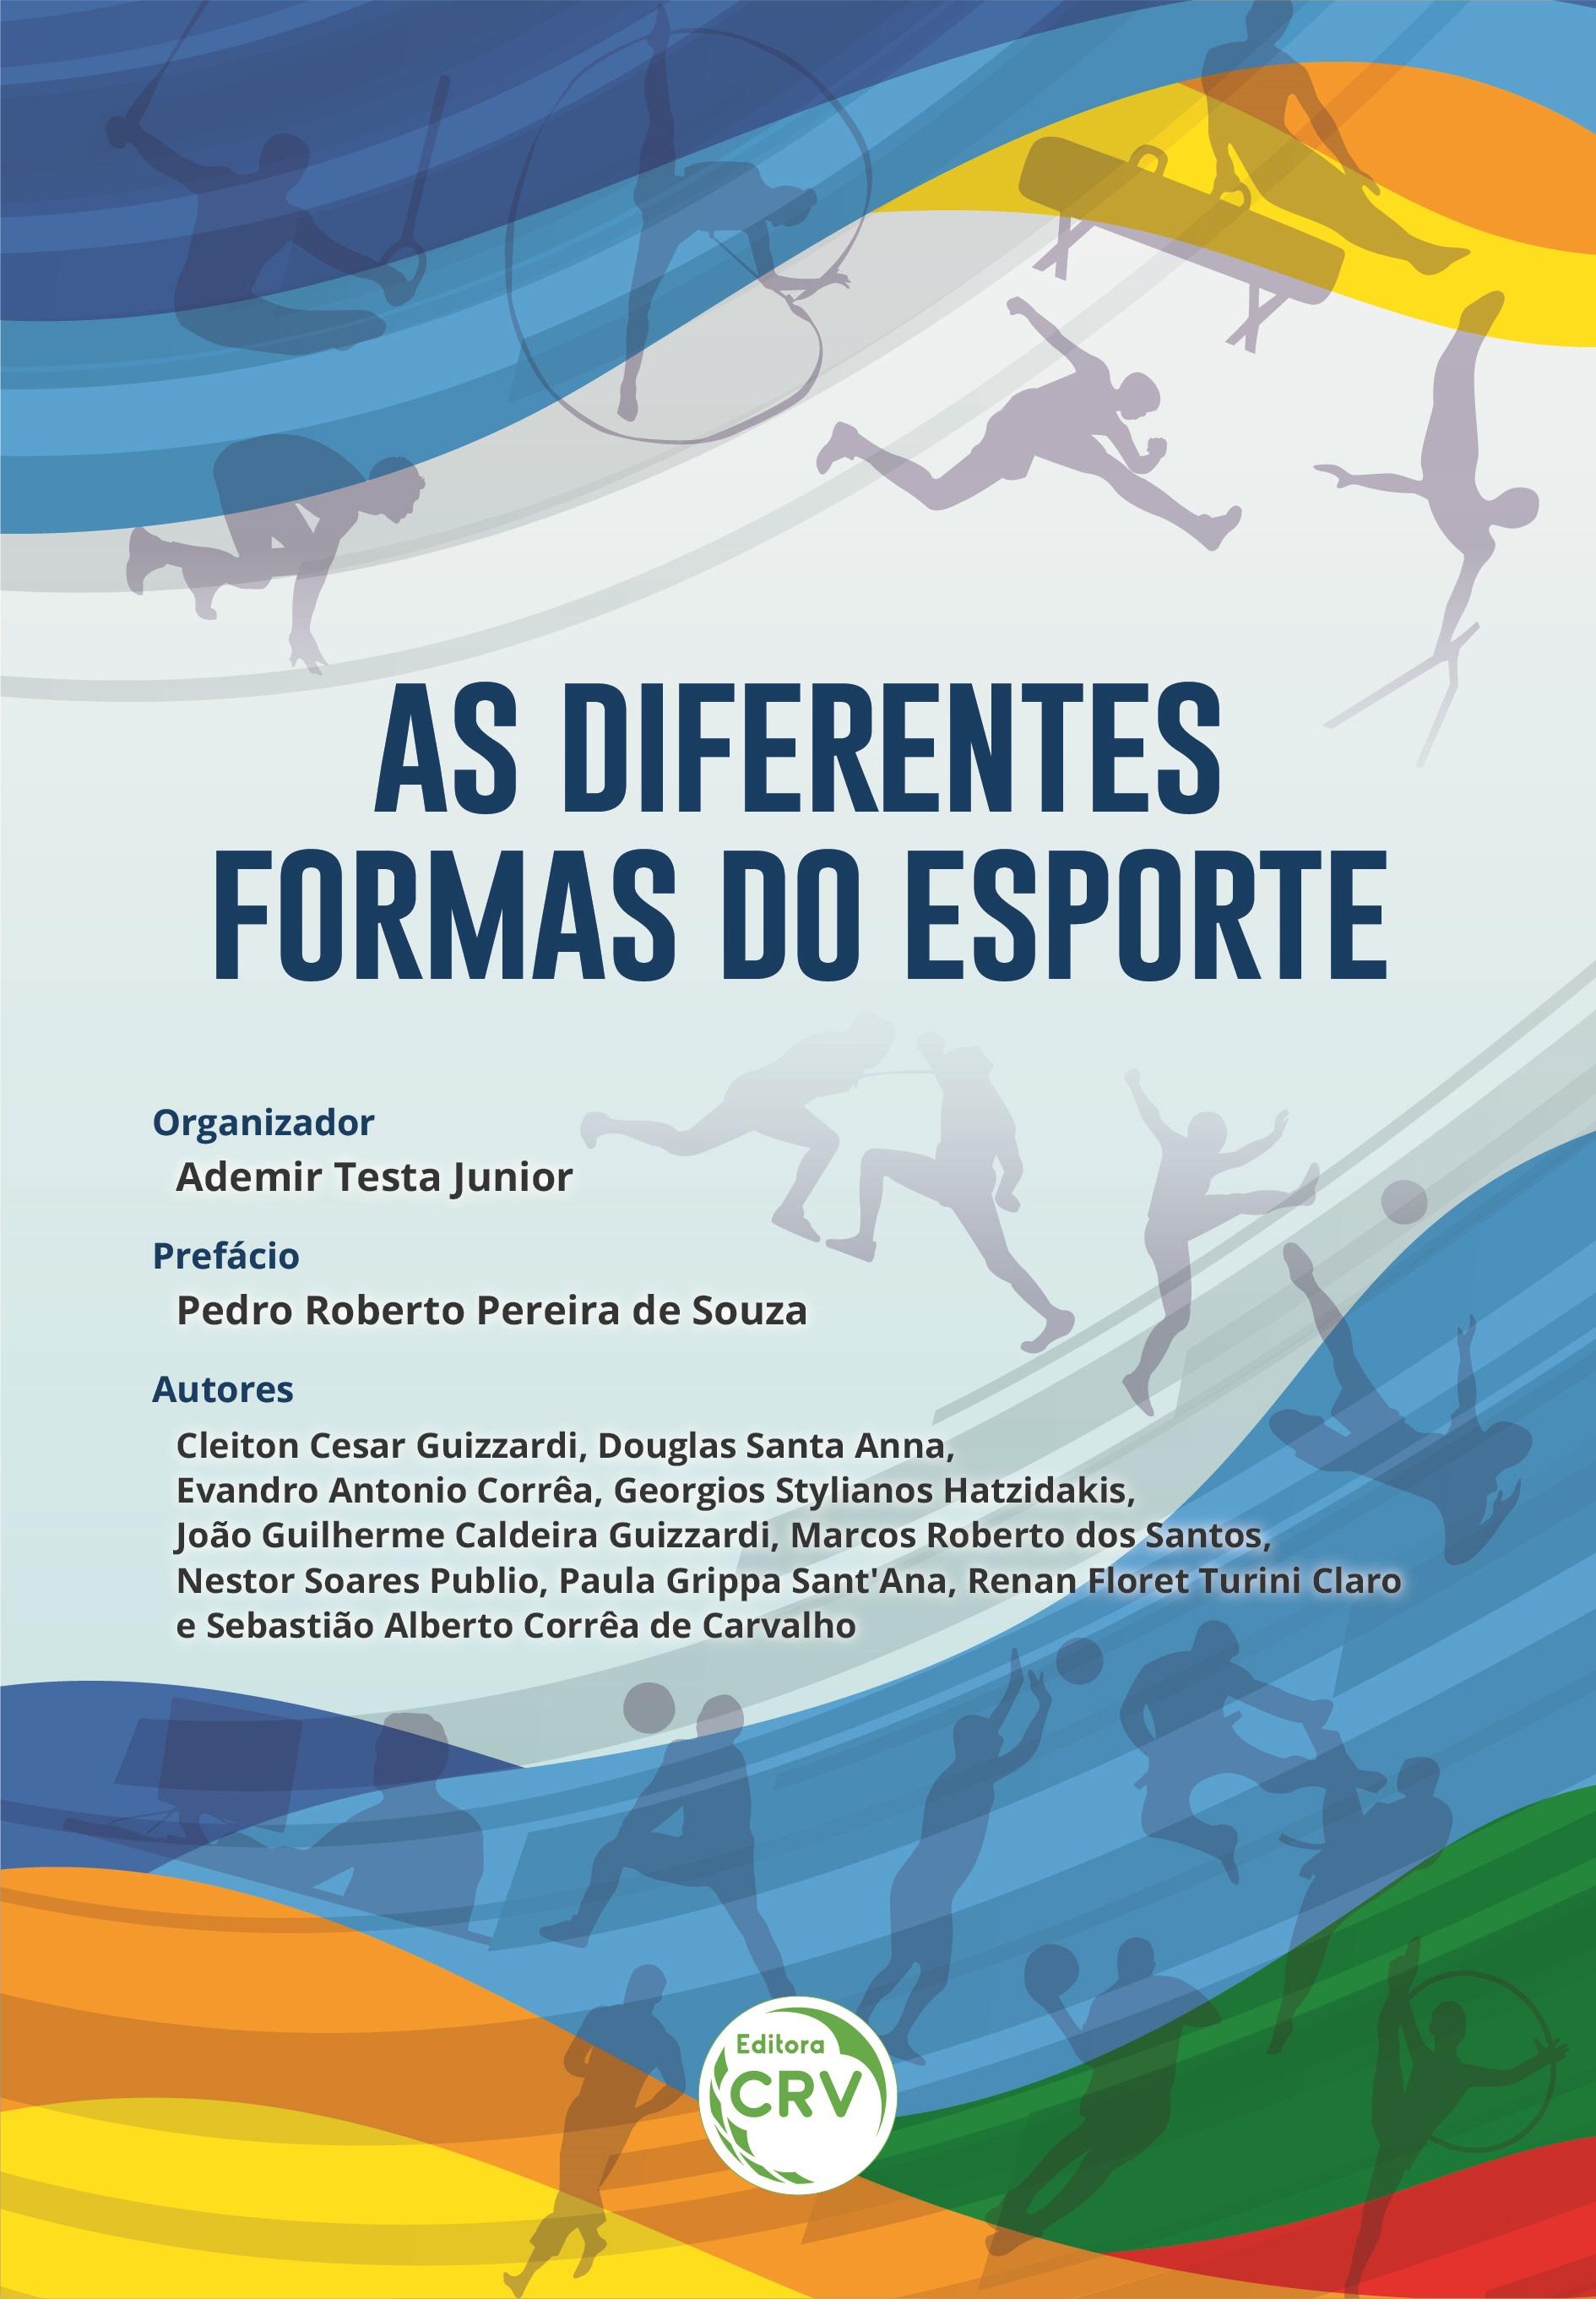 Capa do livro: AS DIFERENTES FORMAS DO ESPORTE